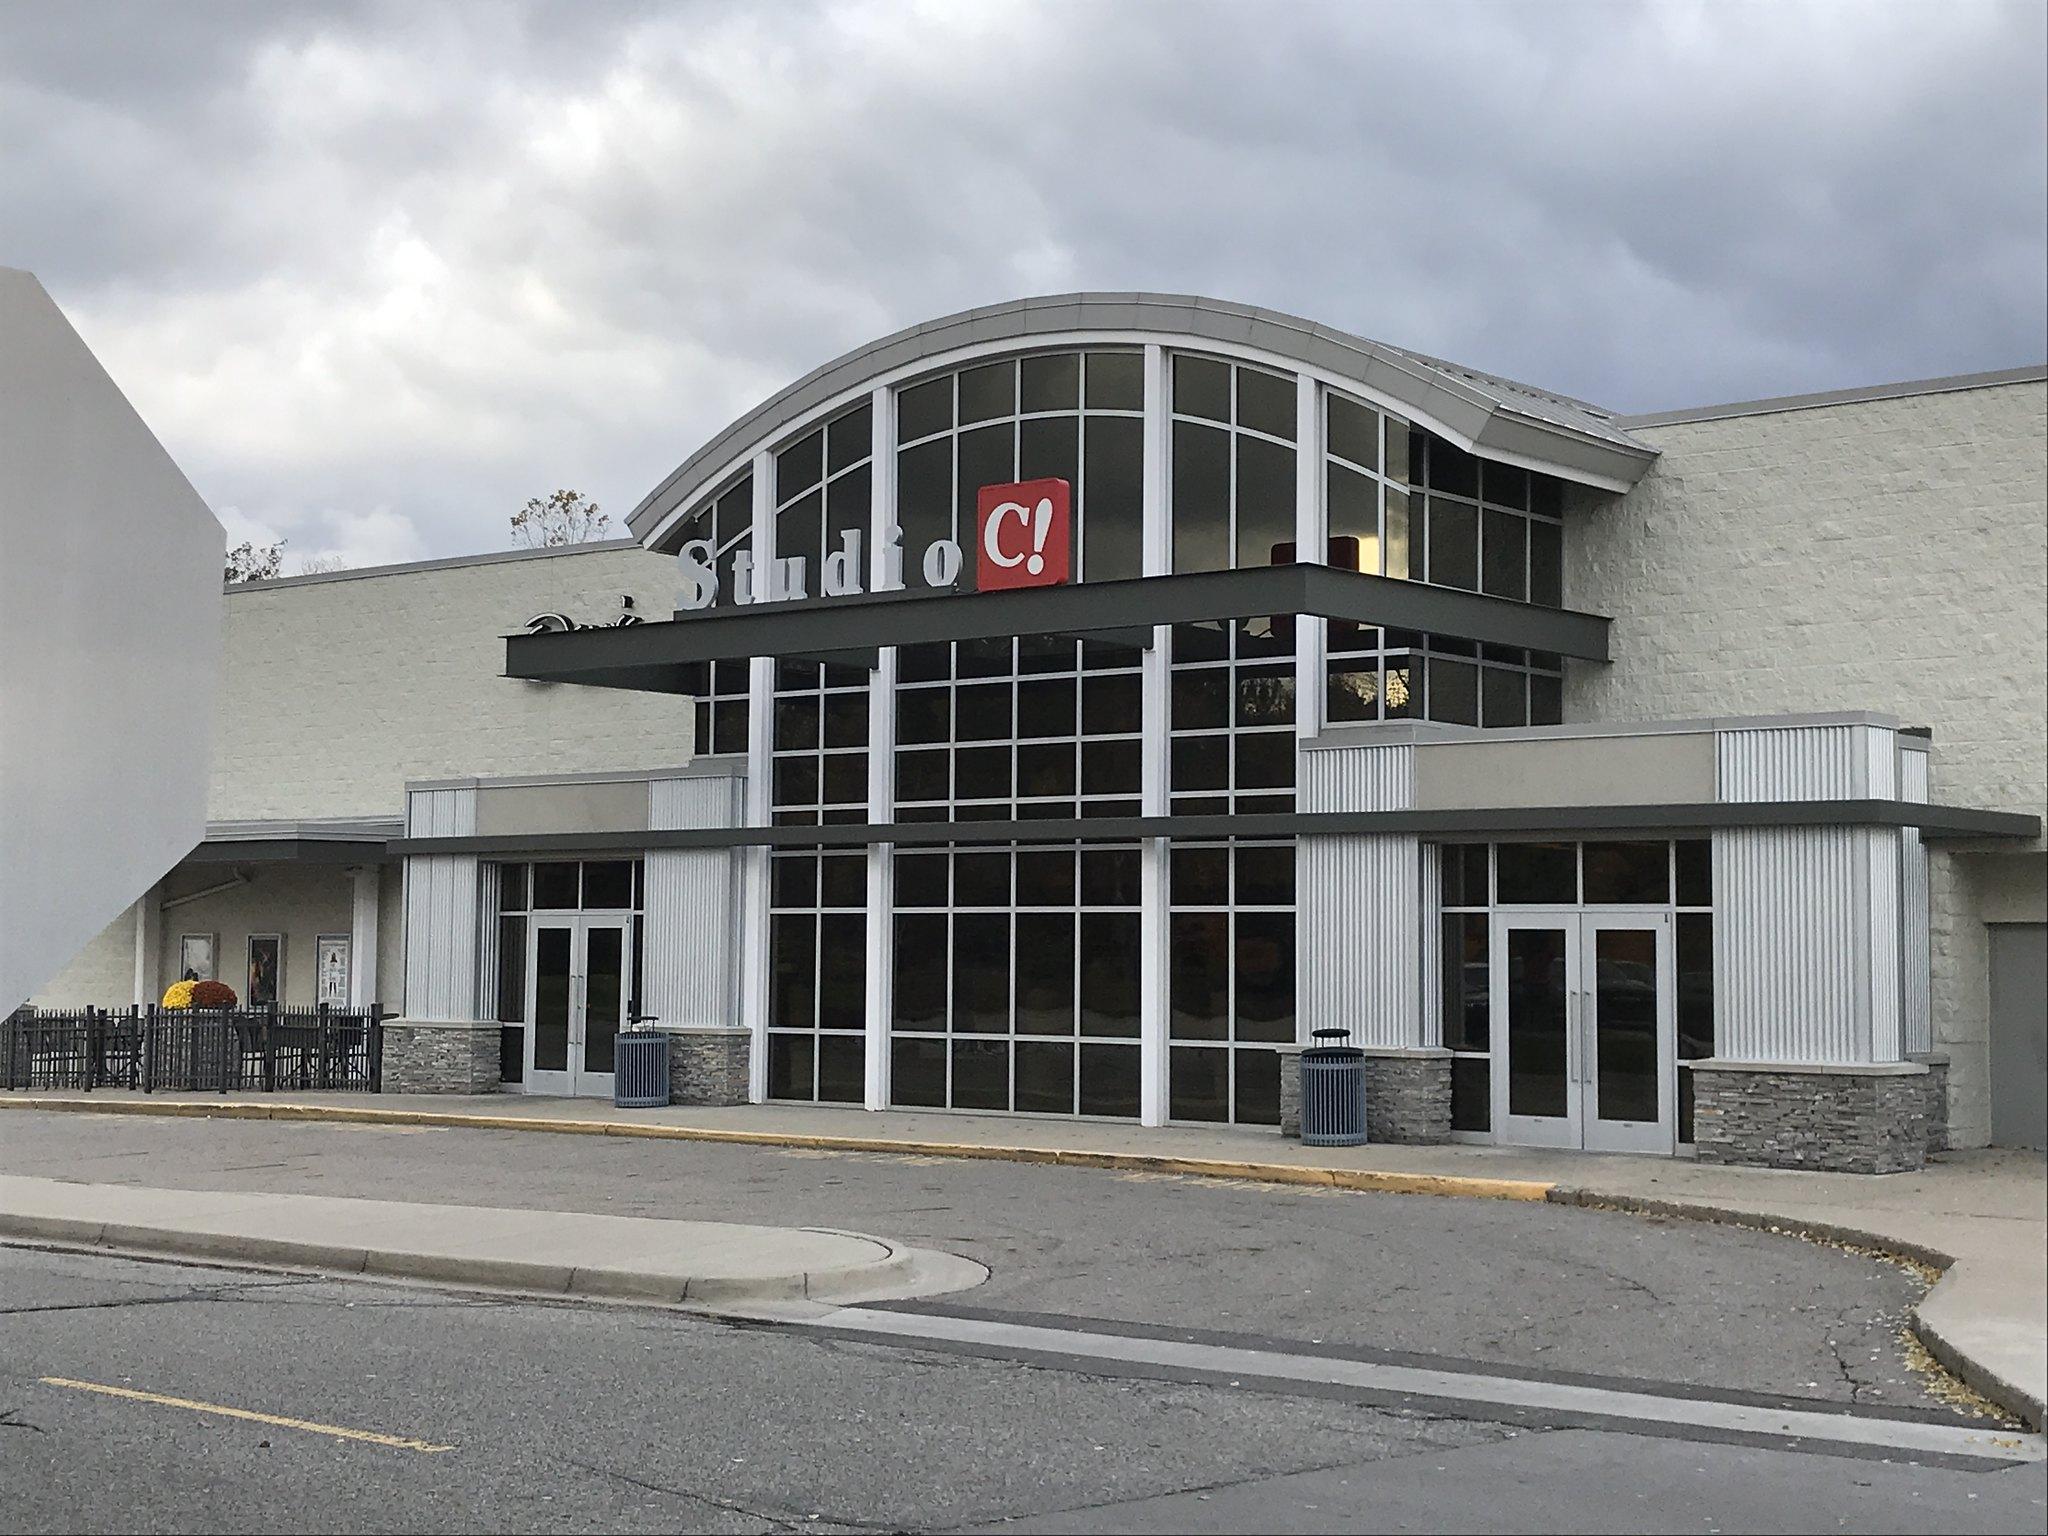 East Lansing Film Festival Returns to Studio C!